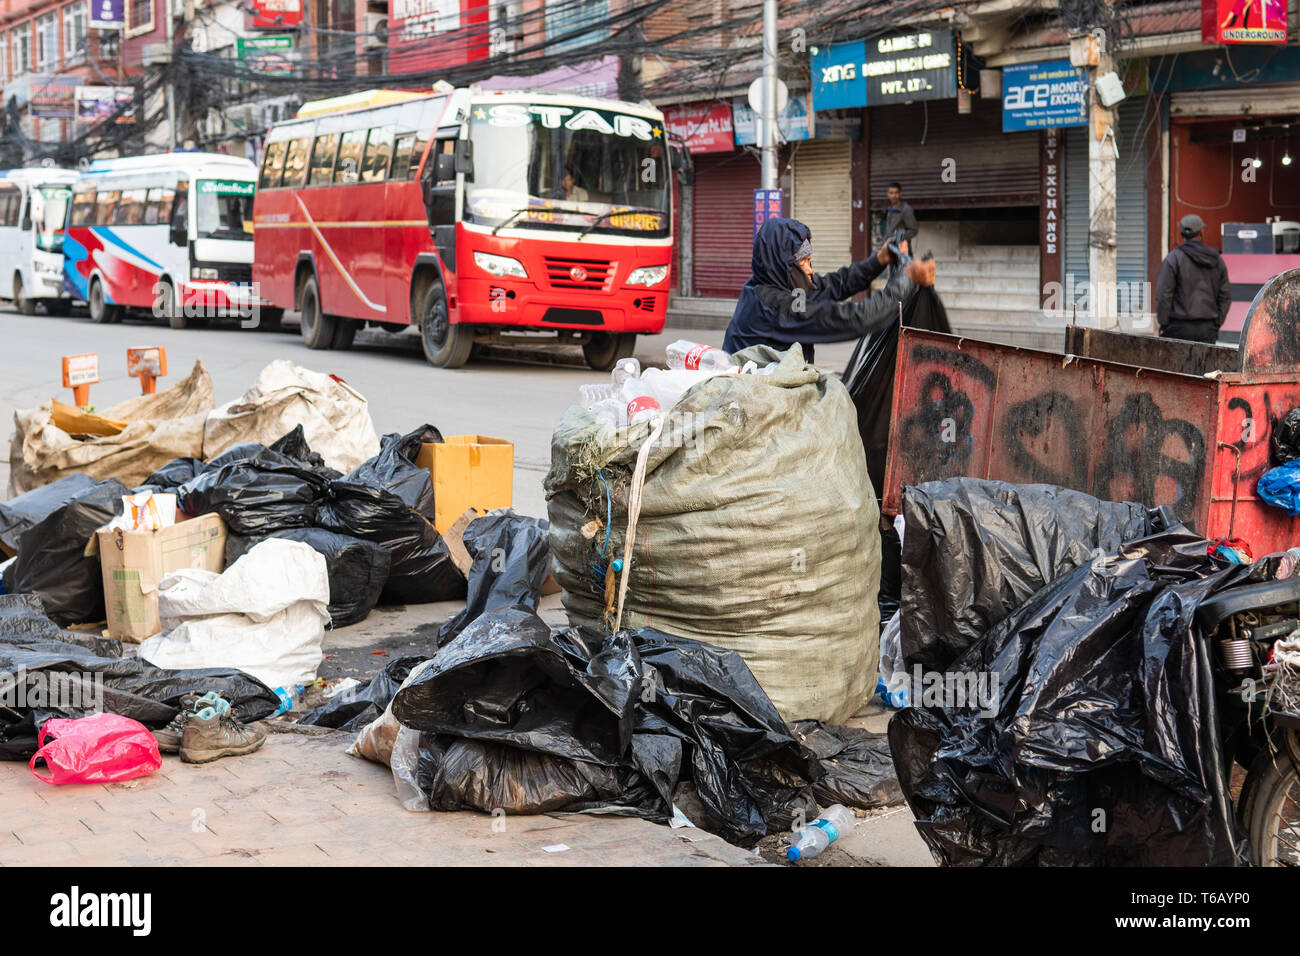 Kathmandu, Nepal - Aprile 20th, 2019 - garbage collector ordinamento tramite cumuli di rifiuti nelle prime ore del mattino in strada. Immagini Stock